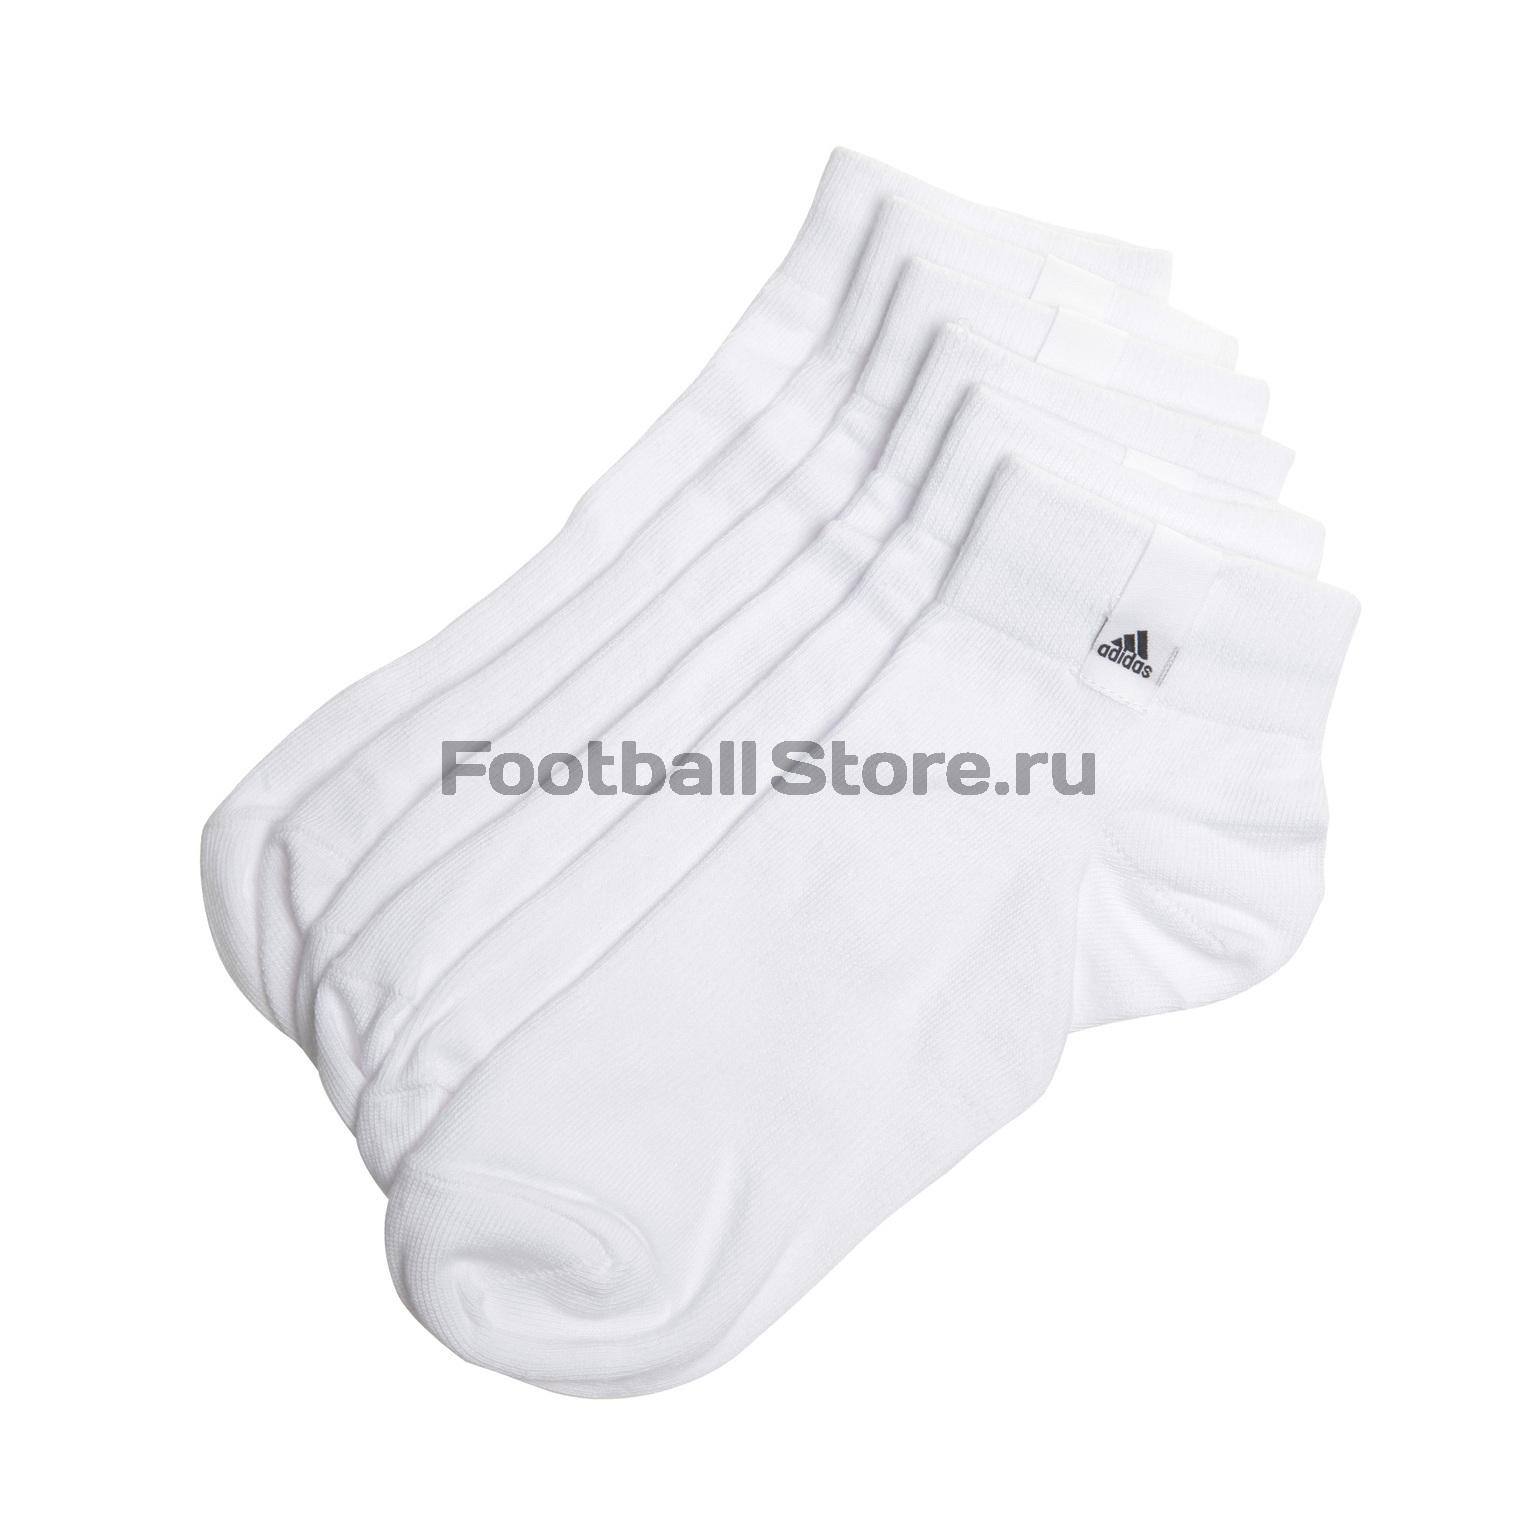 где купить Комплект носков Adidas Label Thin Ankle 3-Pack AA2483 по лучшей цене